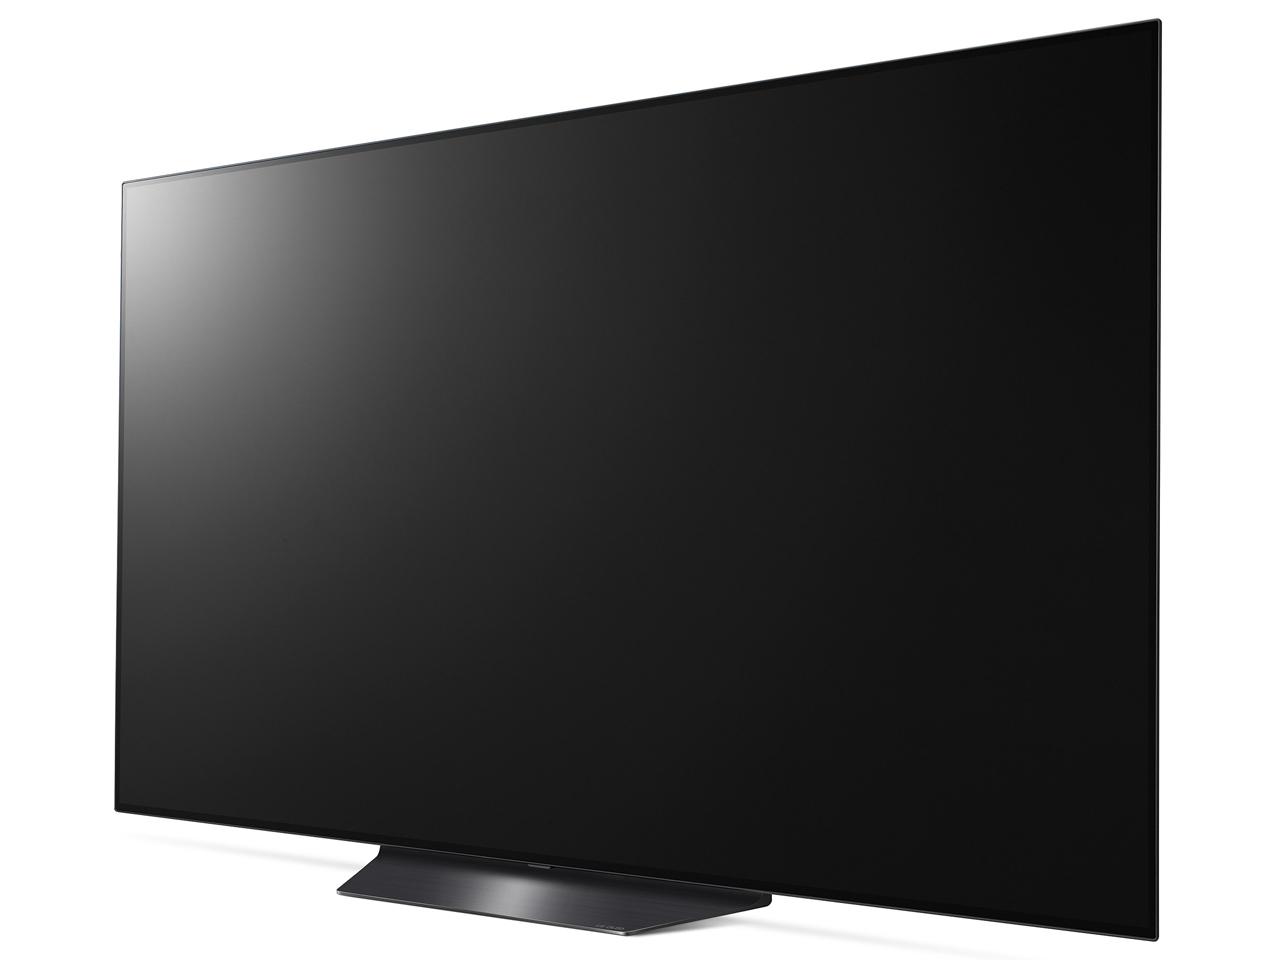 『本体 斜め』 OLED55B9PJA [55インチ] の製品画像